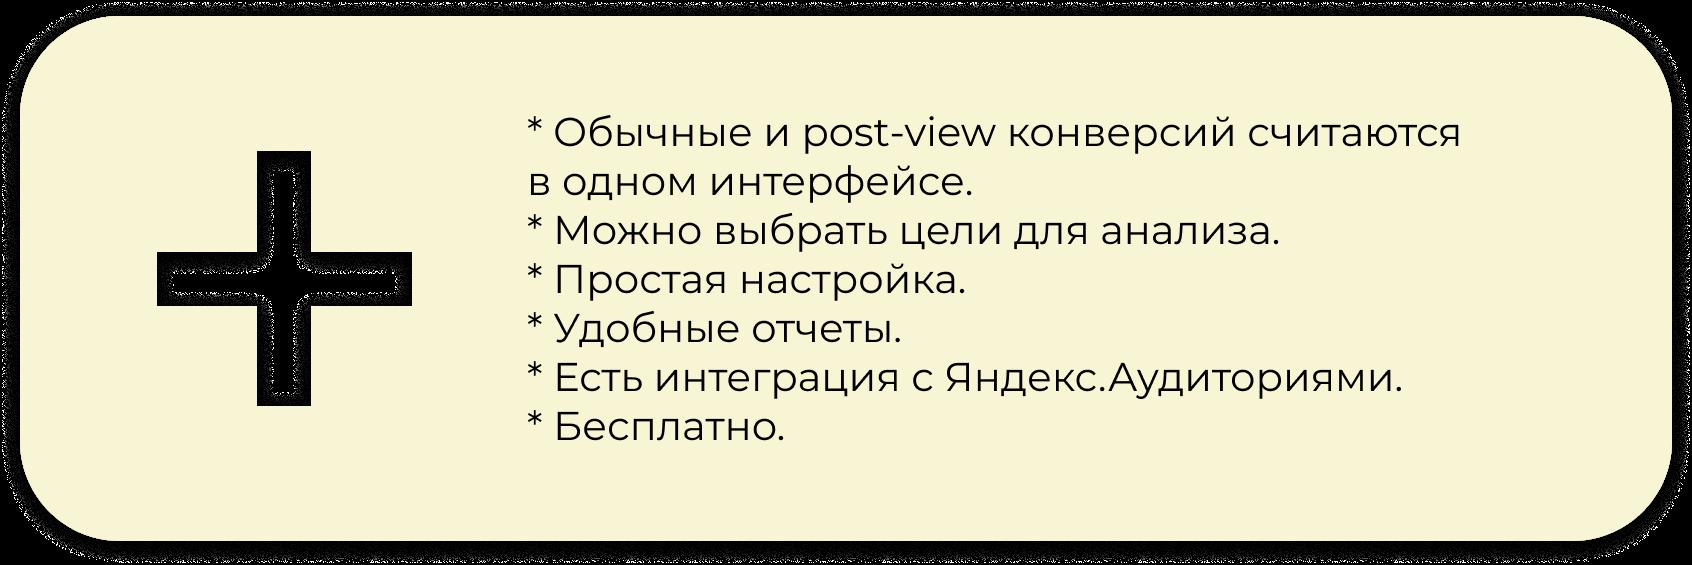 Плюсы сервиса Яндекс.Метрика для медийной рекламы